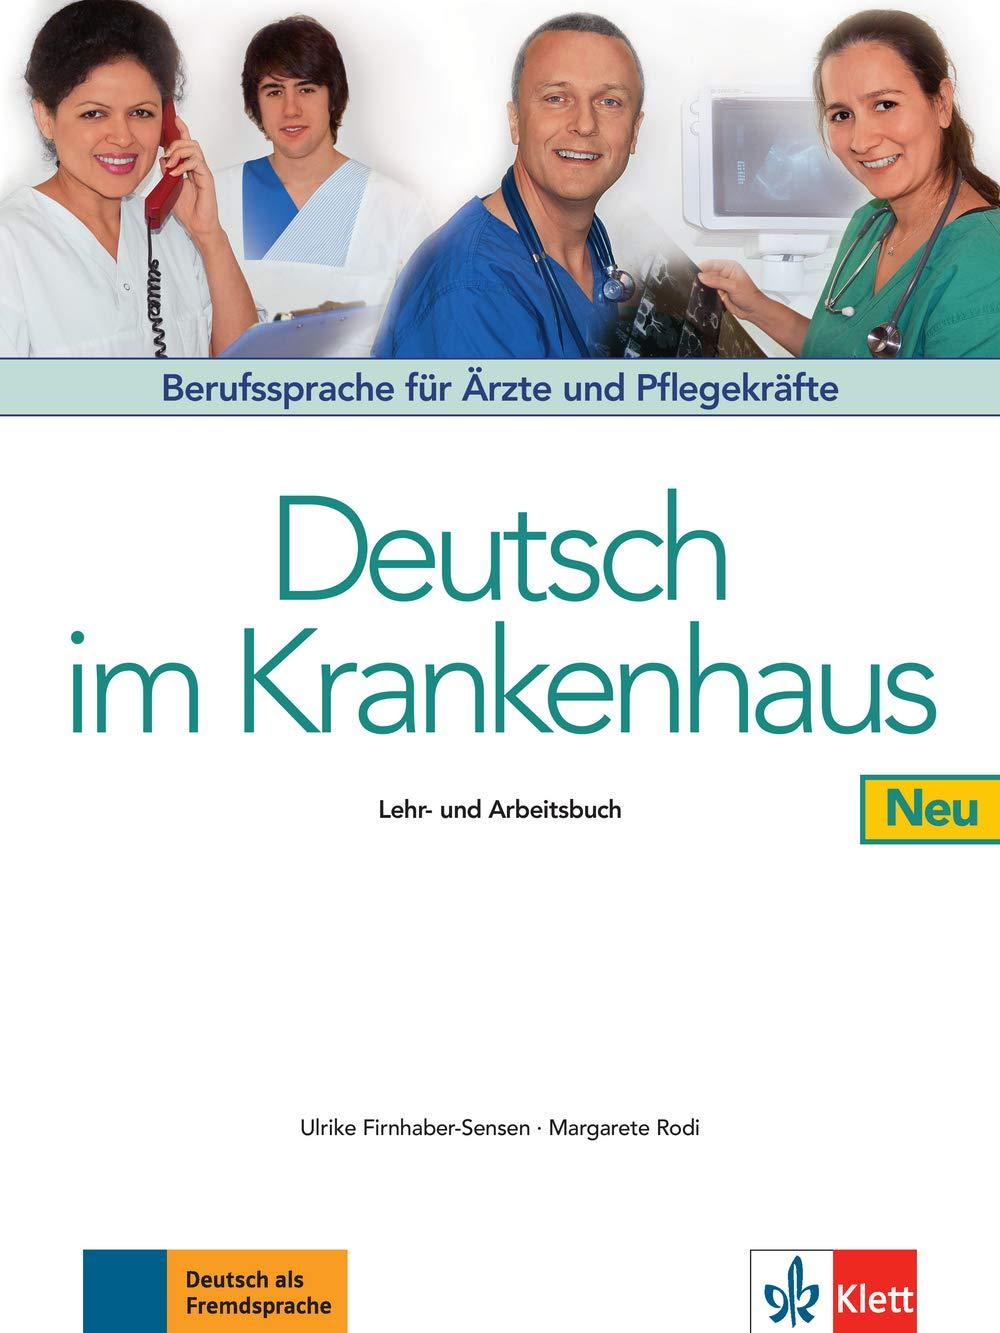 Deutsch im Krankenhaus Neu: Berufssprache für Ärzte und Pflegekräfte. Lehr- und Arbeitsbuch